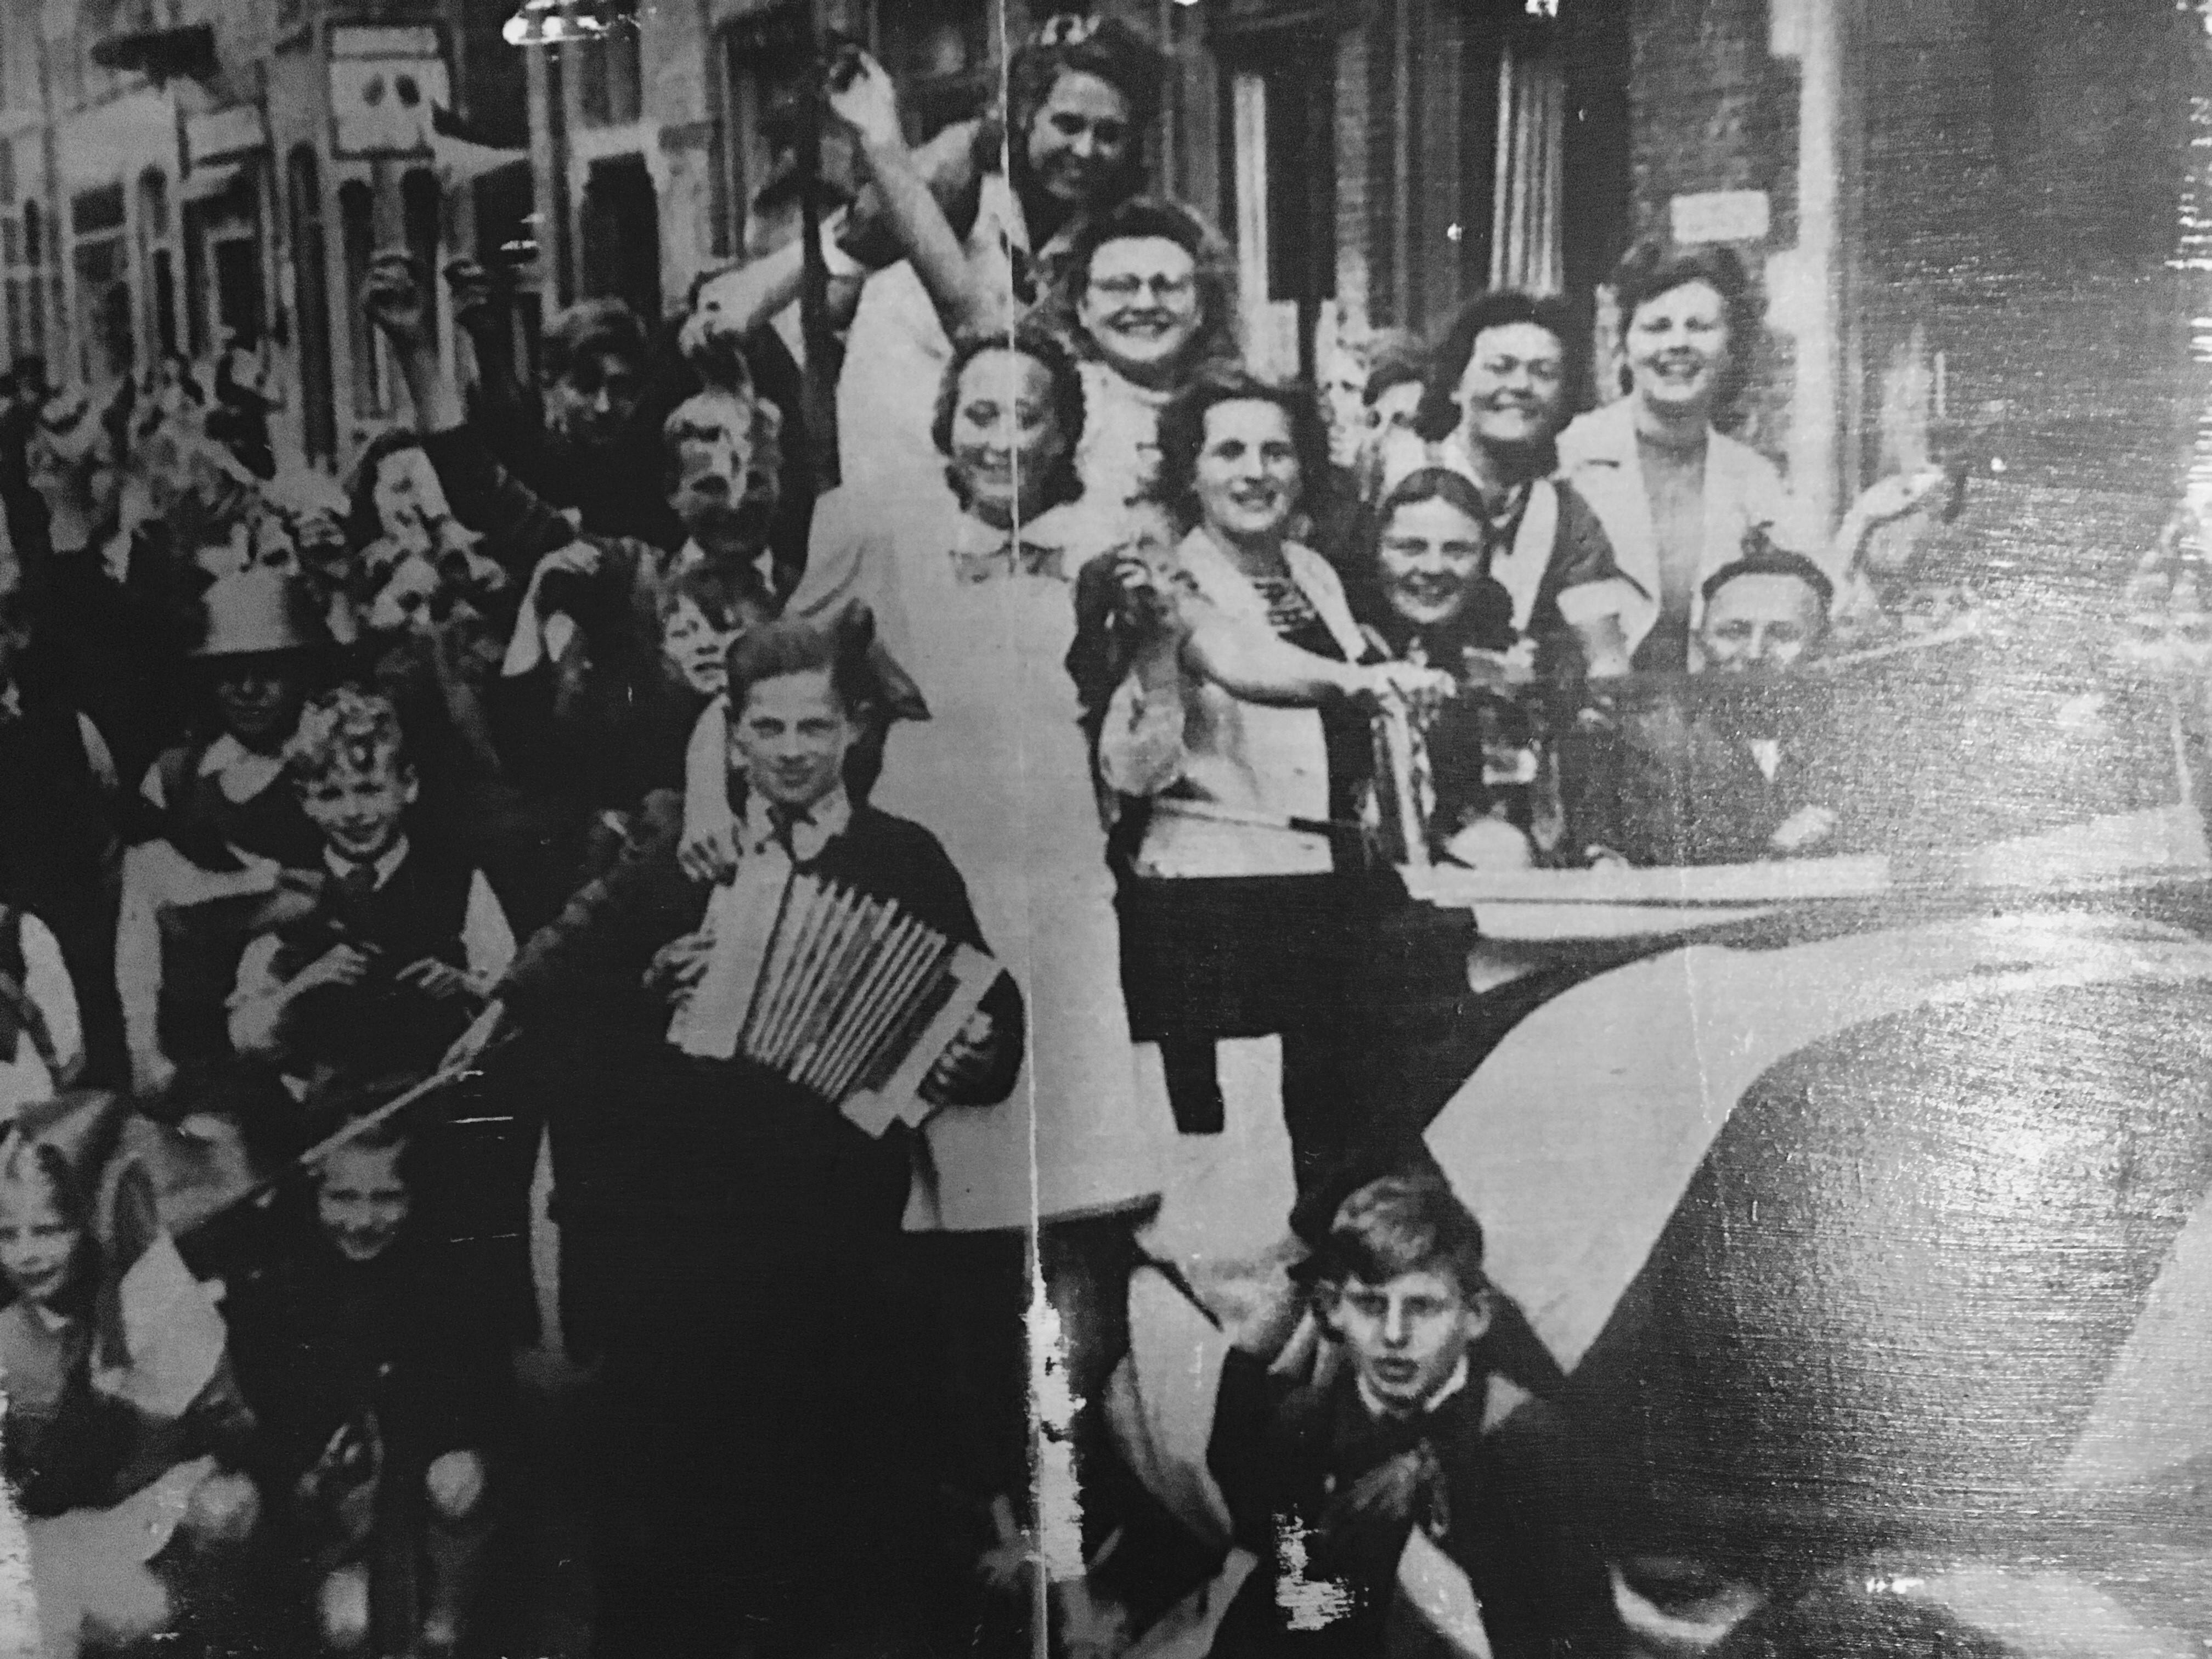 Wie herkent zichzelf of iemand anders op deze krantenfoto van Bevrijdingsdag in Alkmaar? (Foto: aangeleverd)